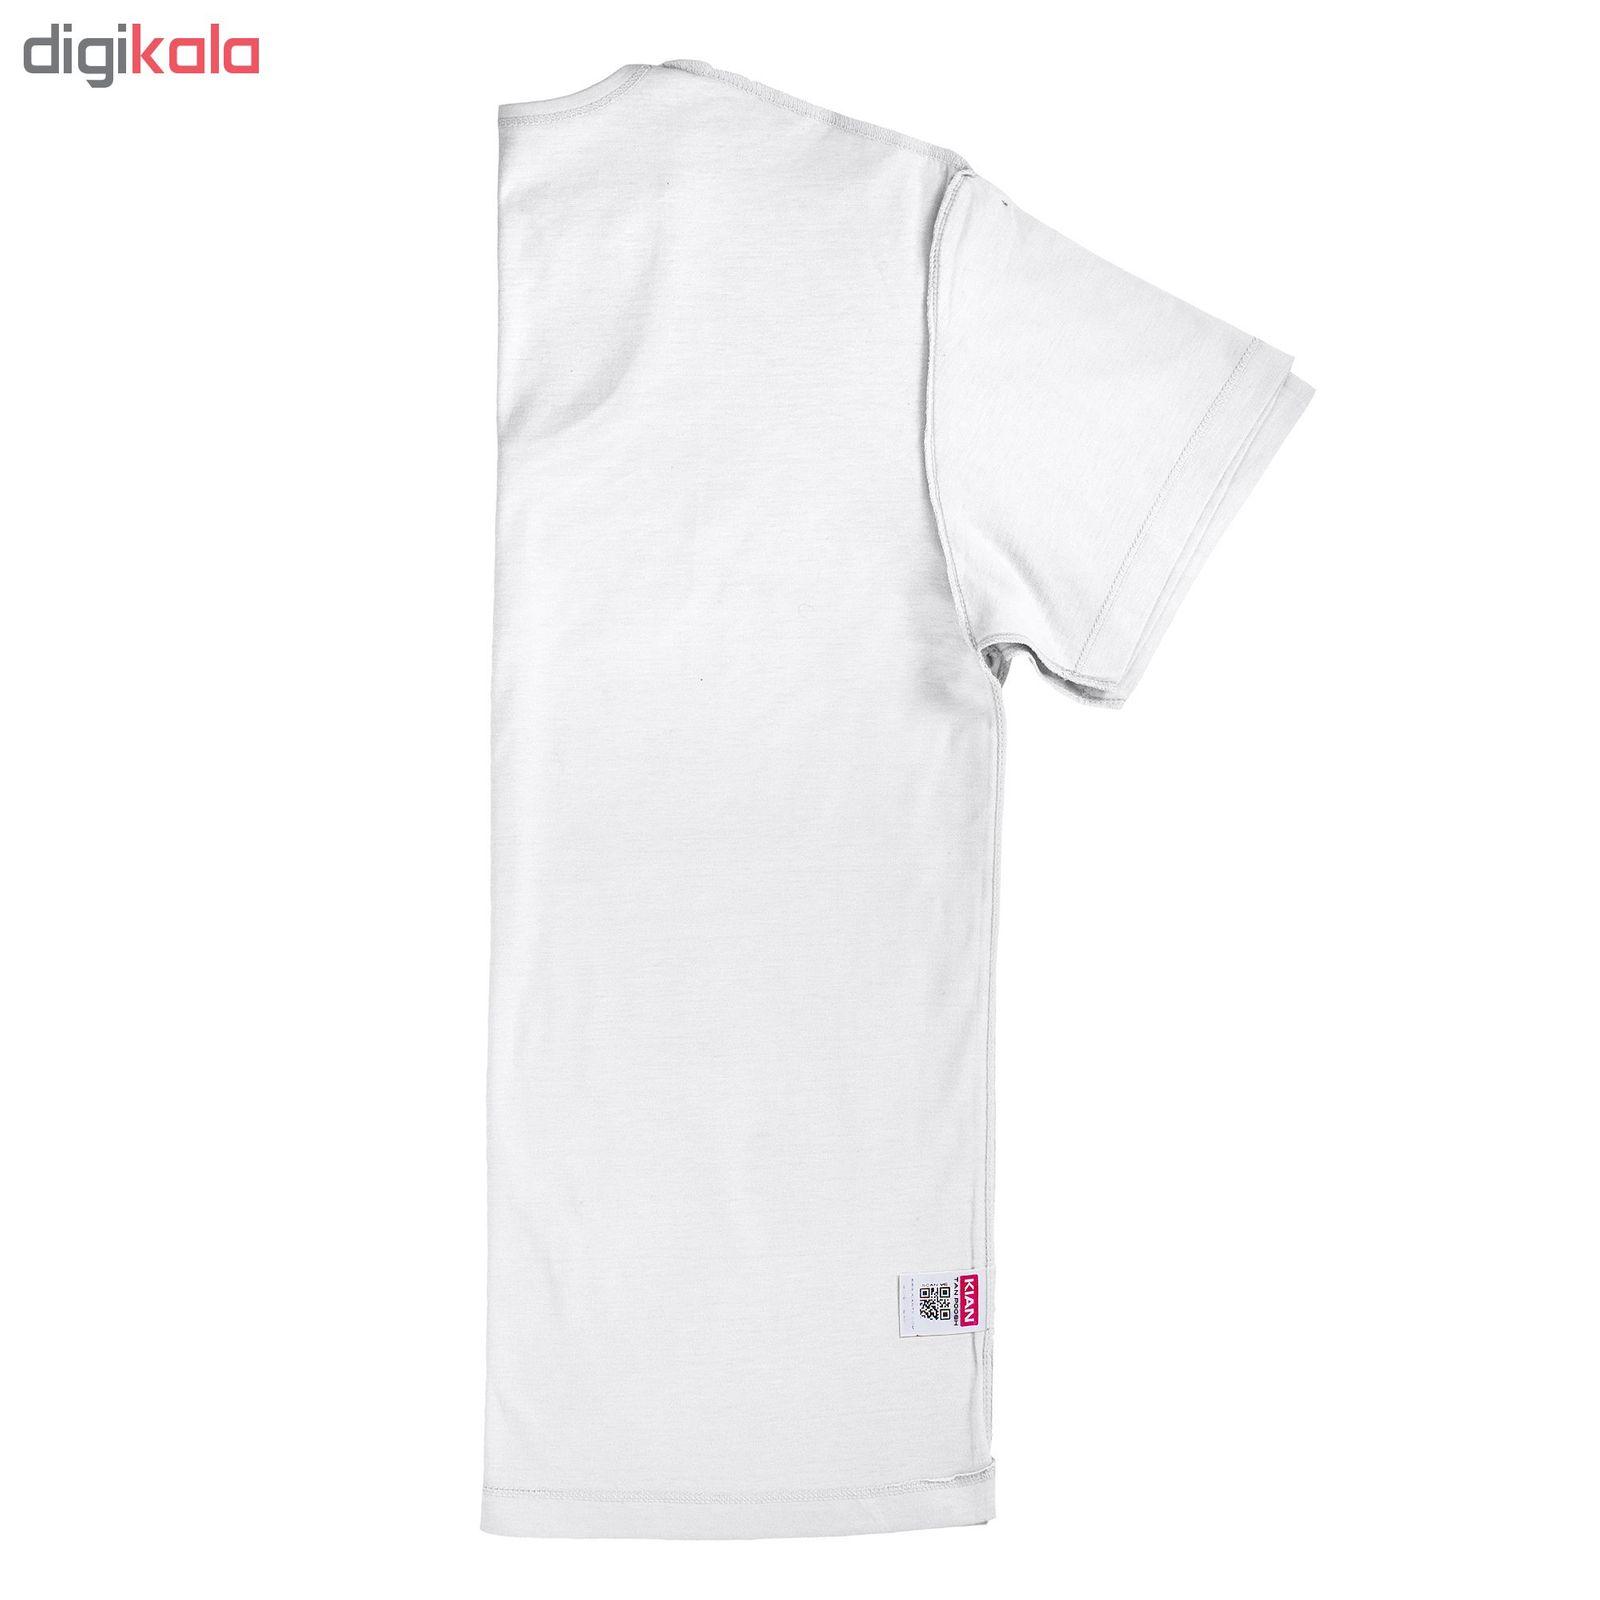 زیرپوش مردانه کیان تن پوش مدل U Neck Shirt Classic W مجموعه 12عددی main 1 5